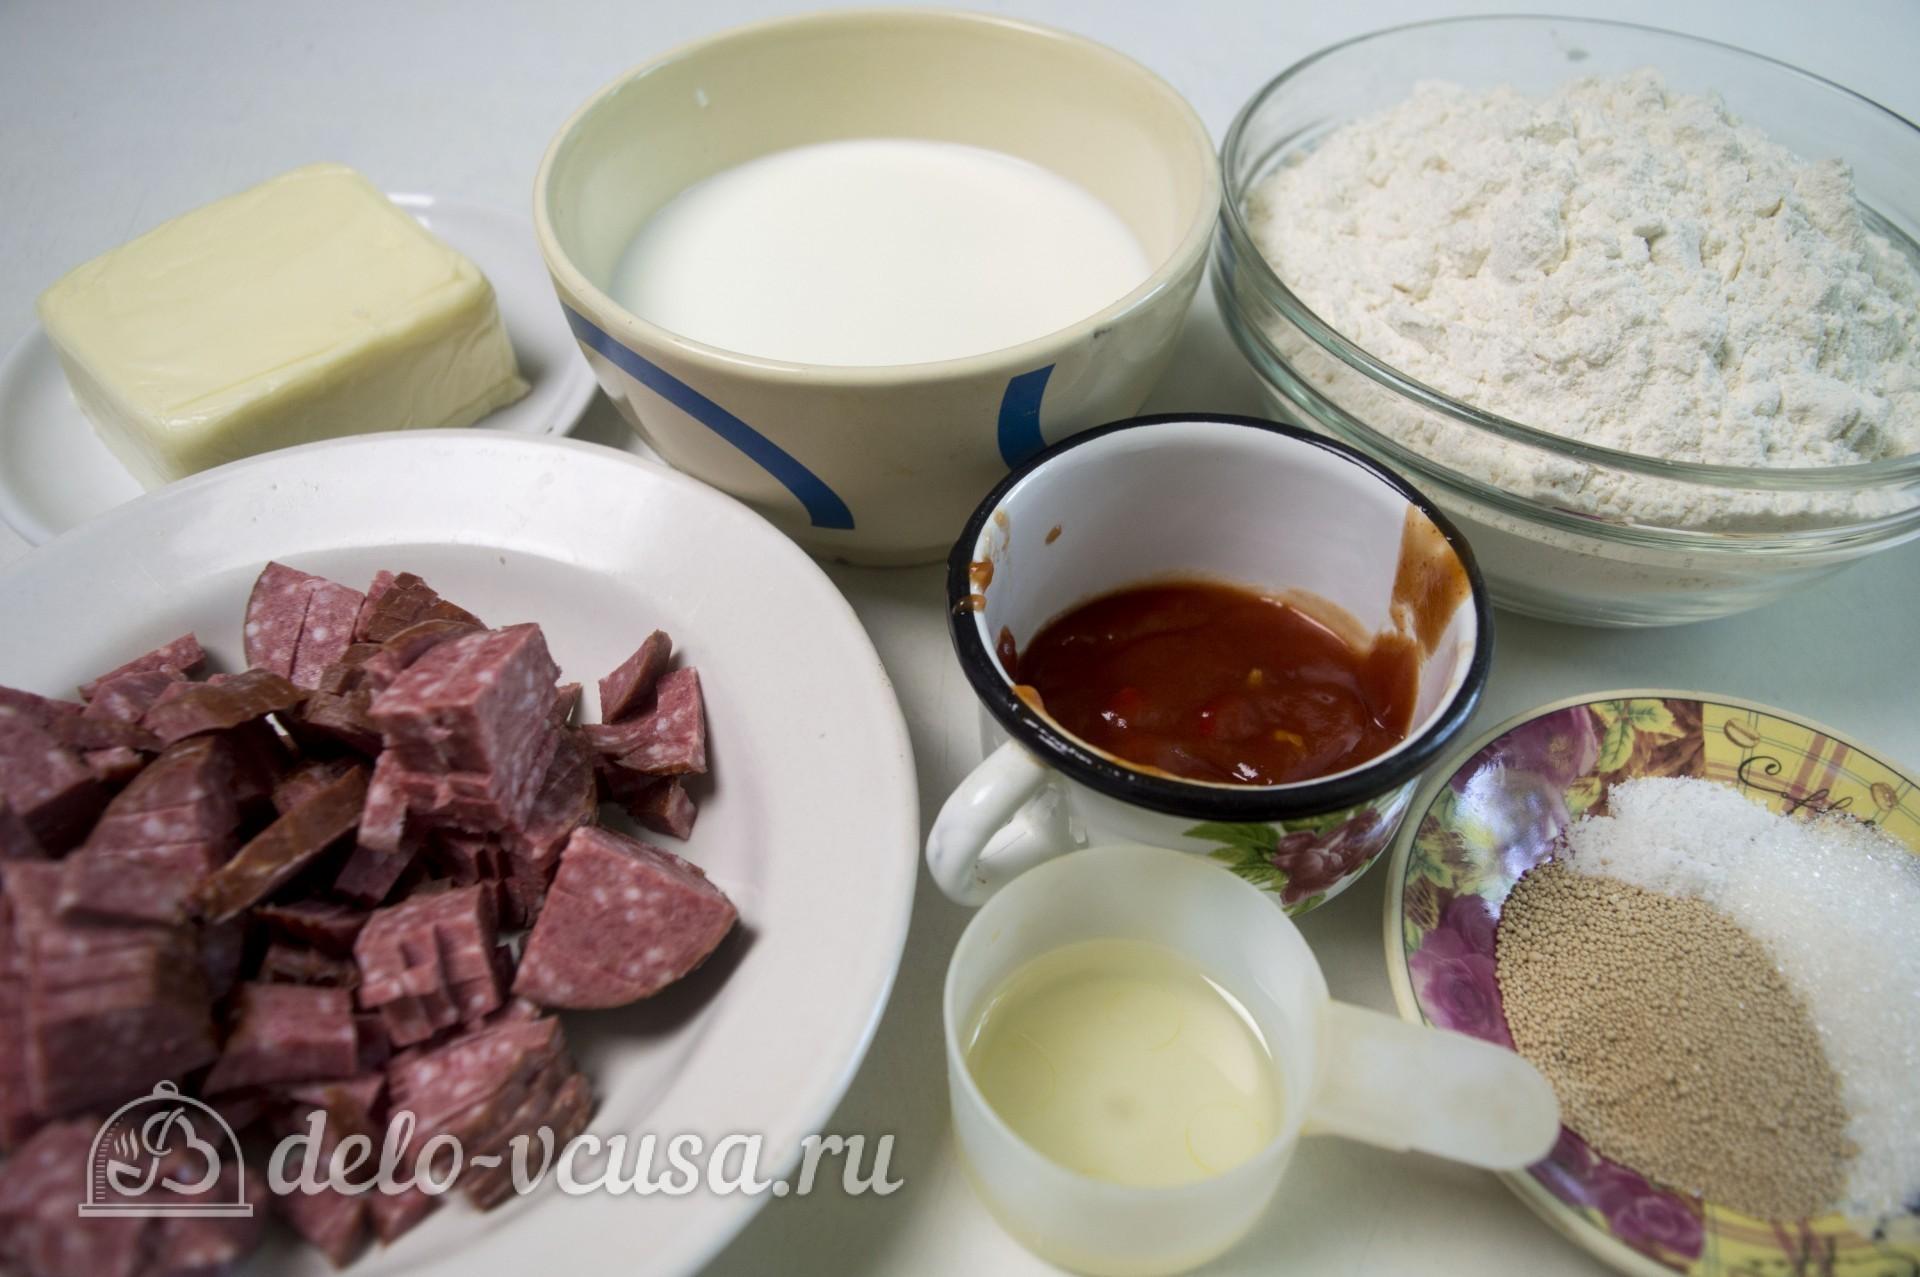 Рулет из теста с колбасой и сыром: Ингредиенты